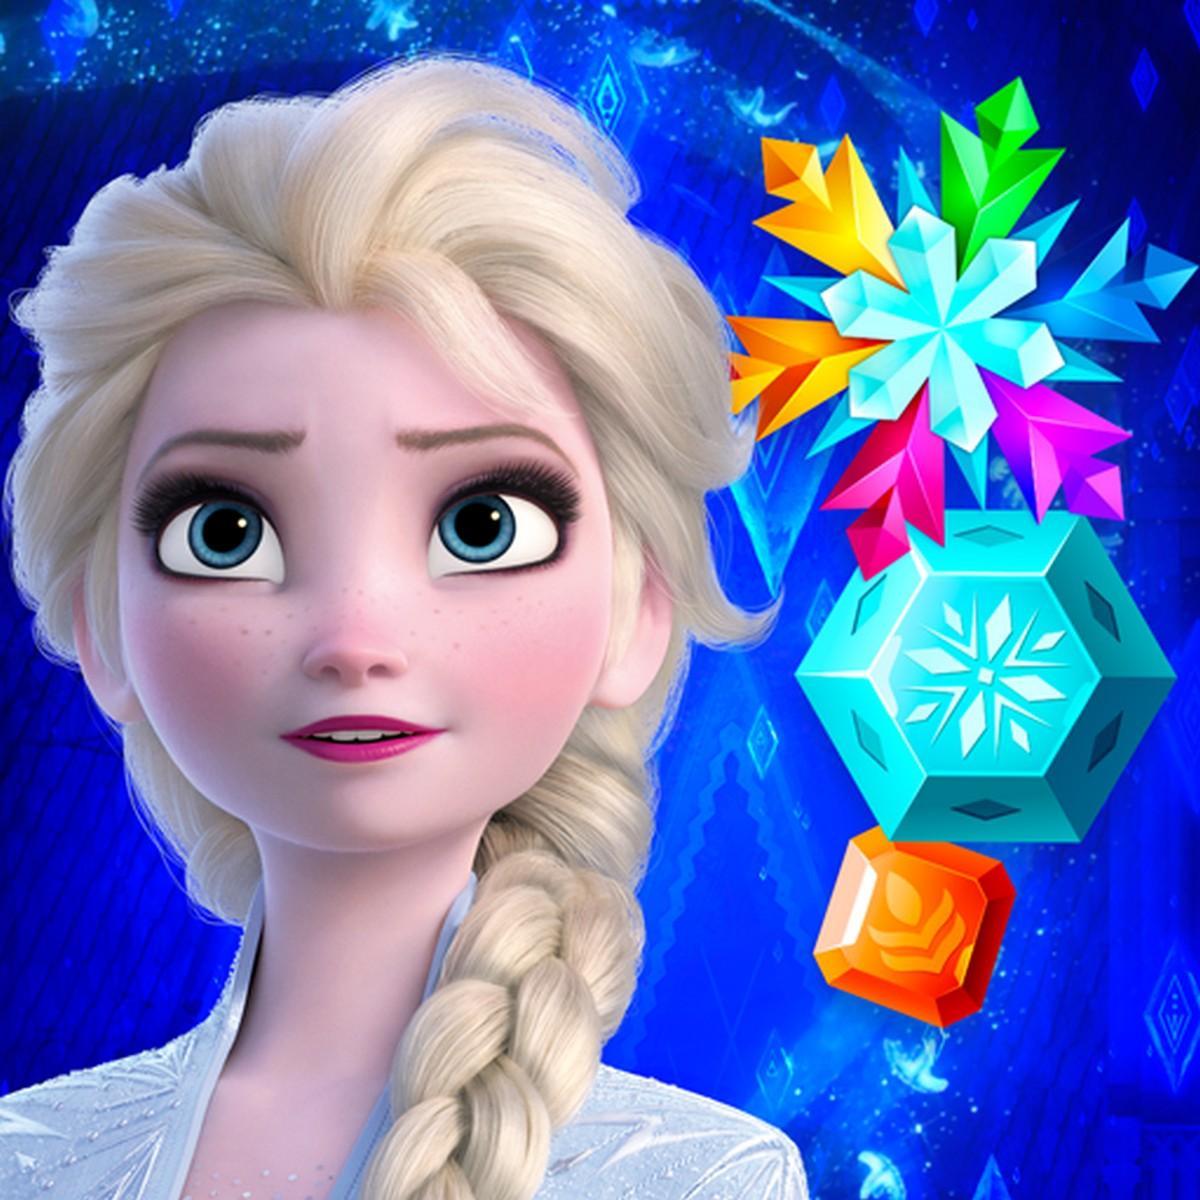 Disney Frozen Adventures APK MOD